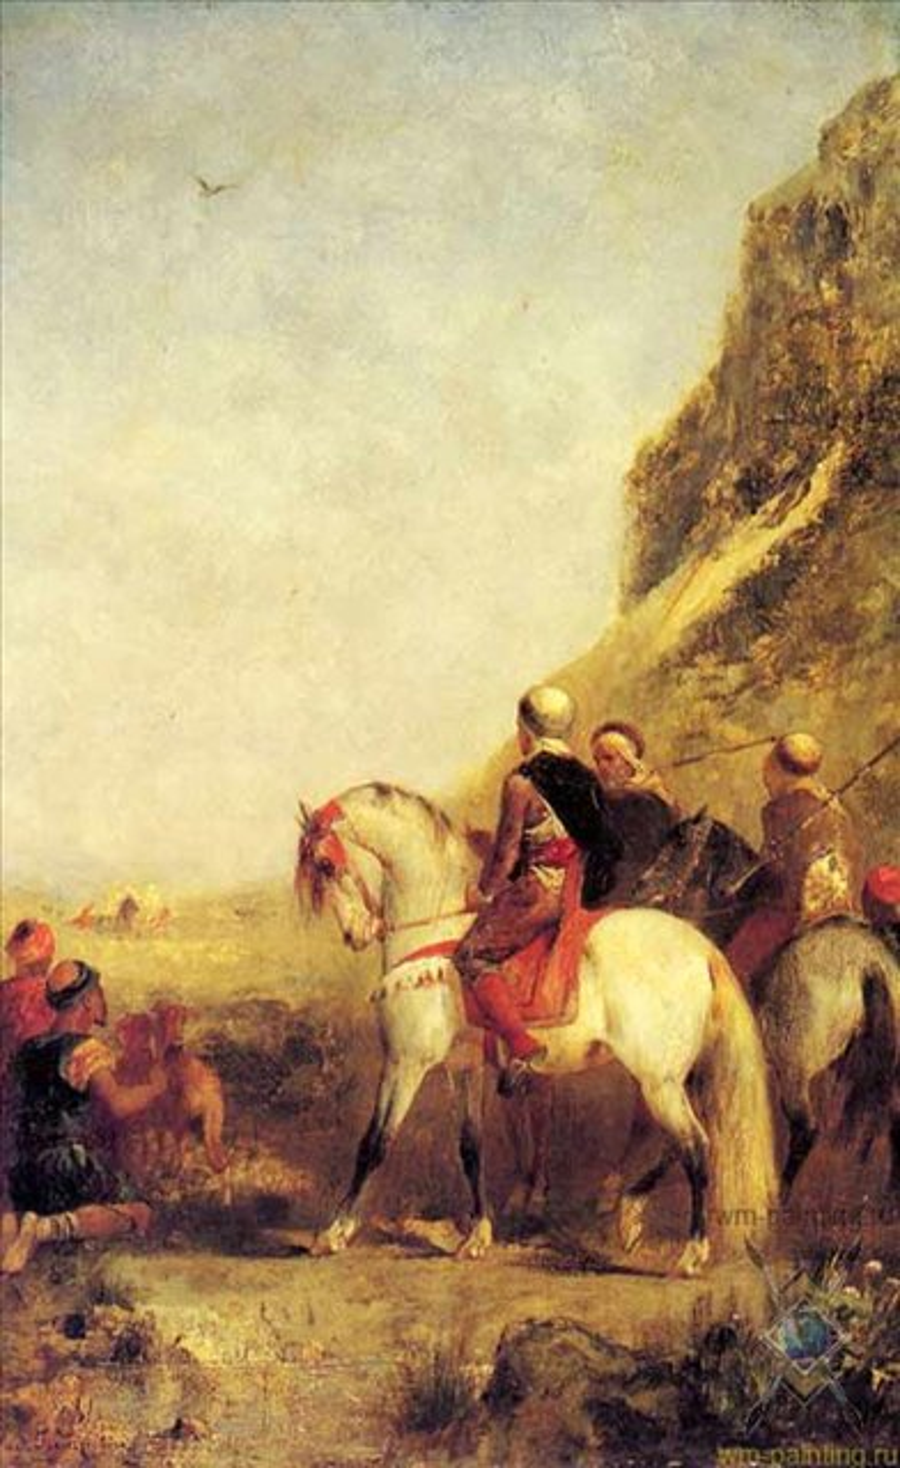 Арабская охота с ястребом - Жанровые сцены фото